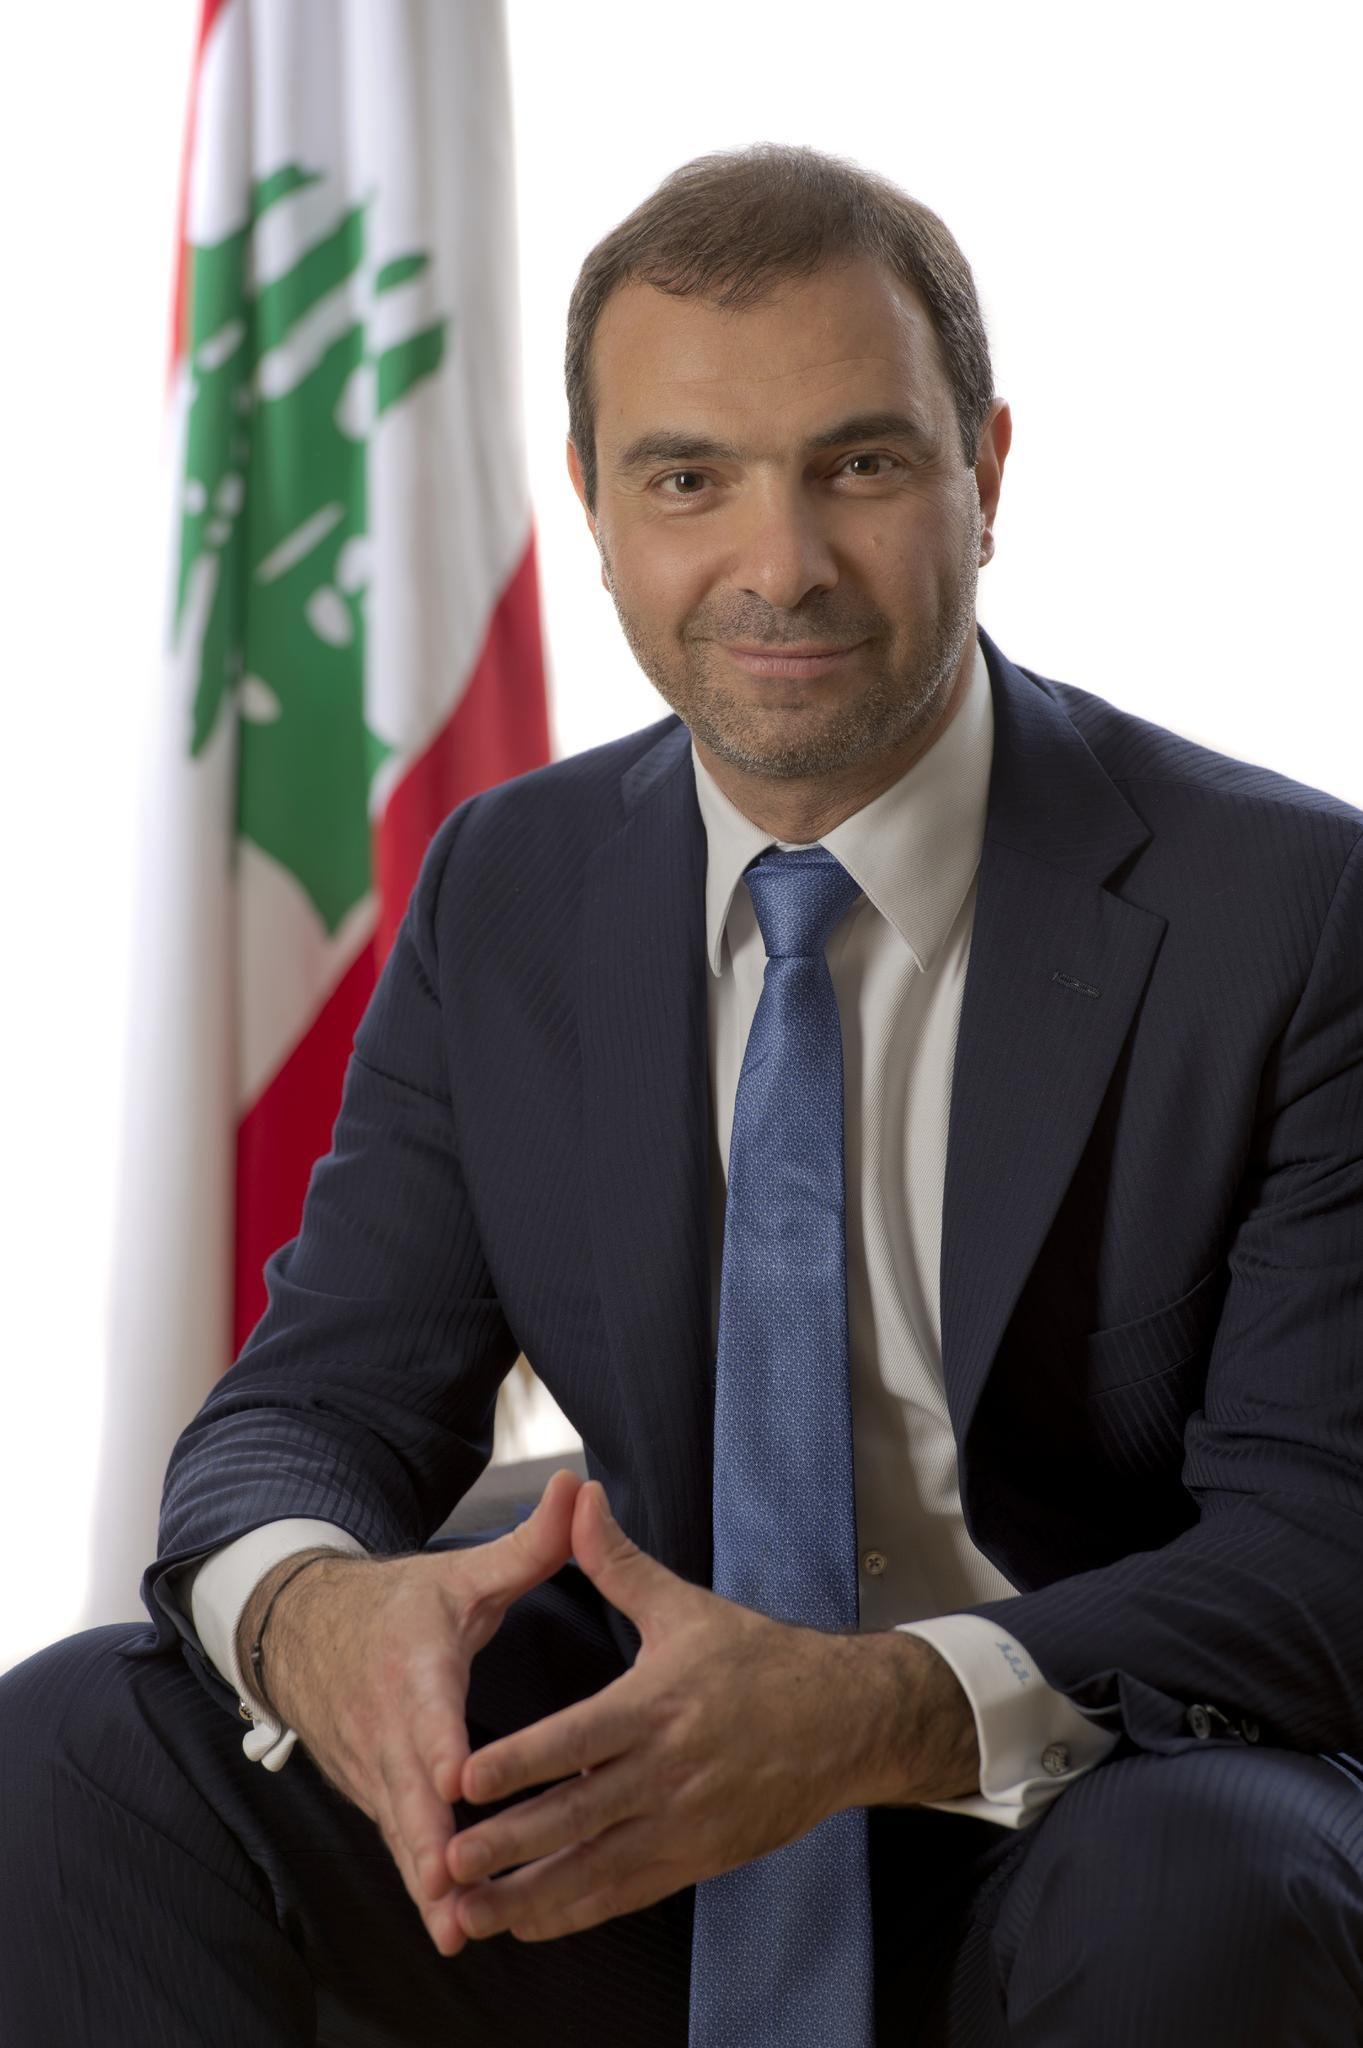 H.E. Mr. Adel Afiouni